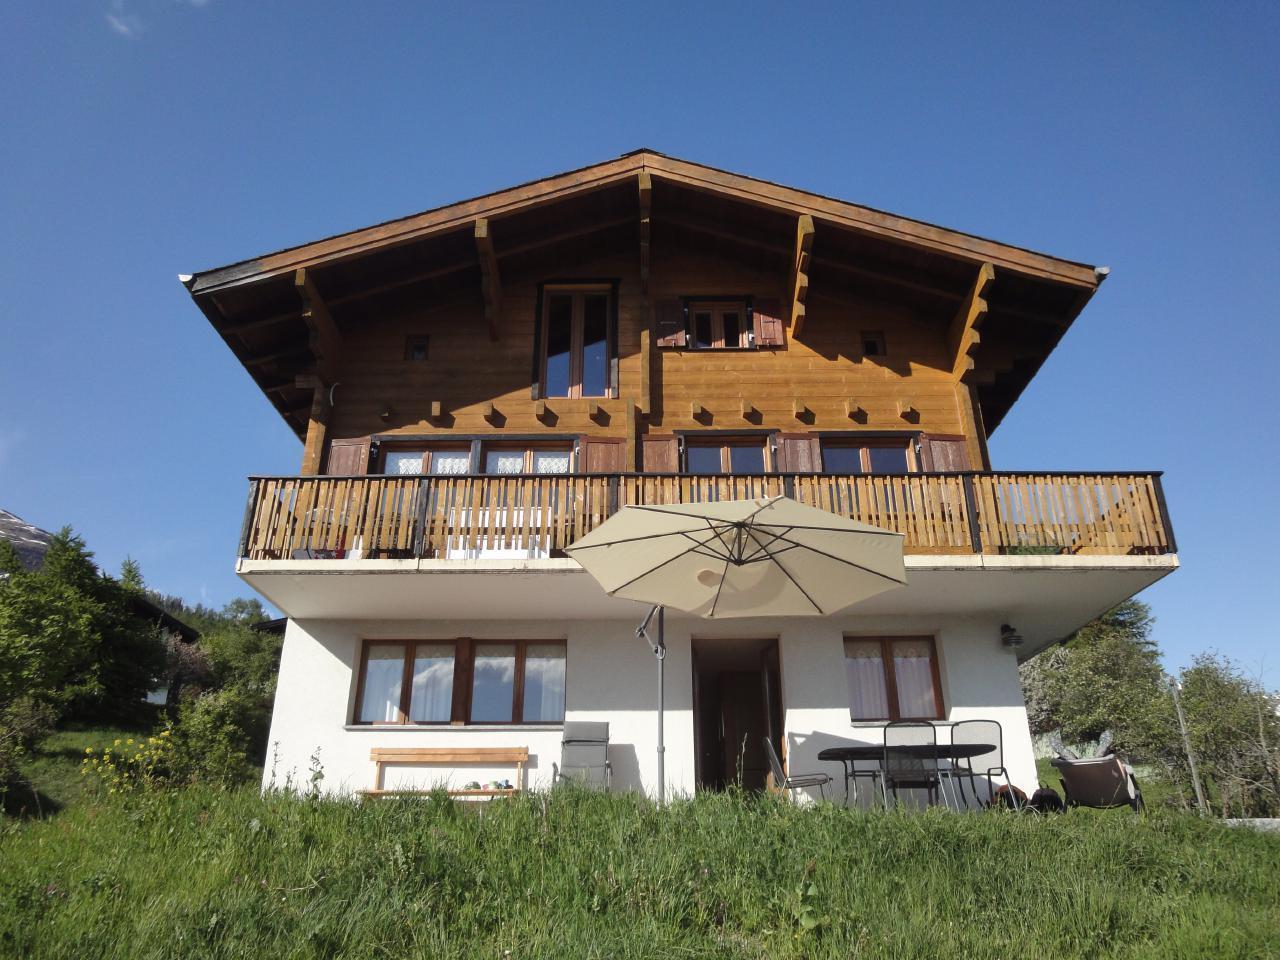 Appartement de vacances Chalet Stefanino, 3 1/2 Zimmer (487097), Bellwald, Aletsch - Conches, Valais, Suisse, image 1